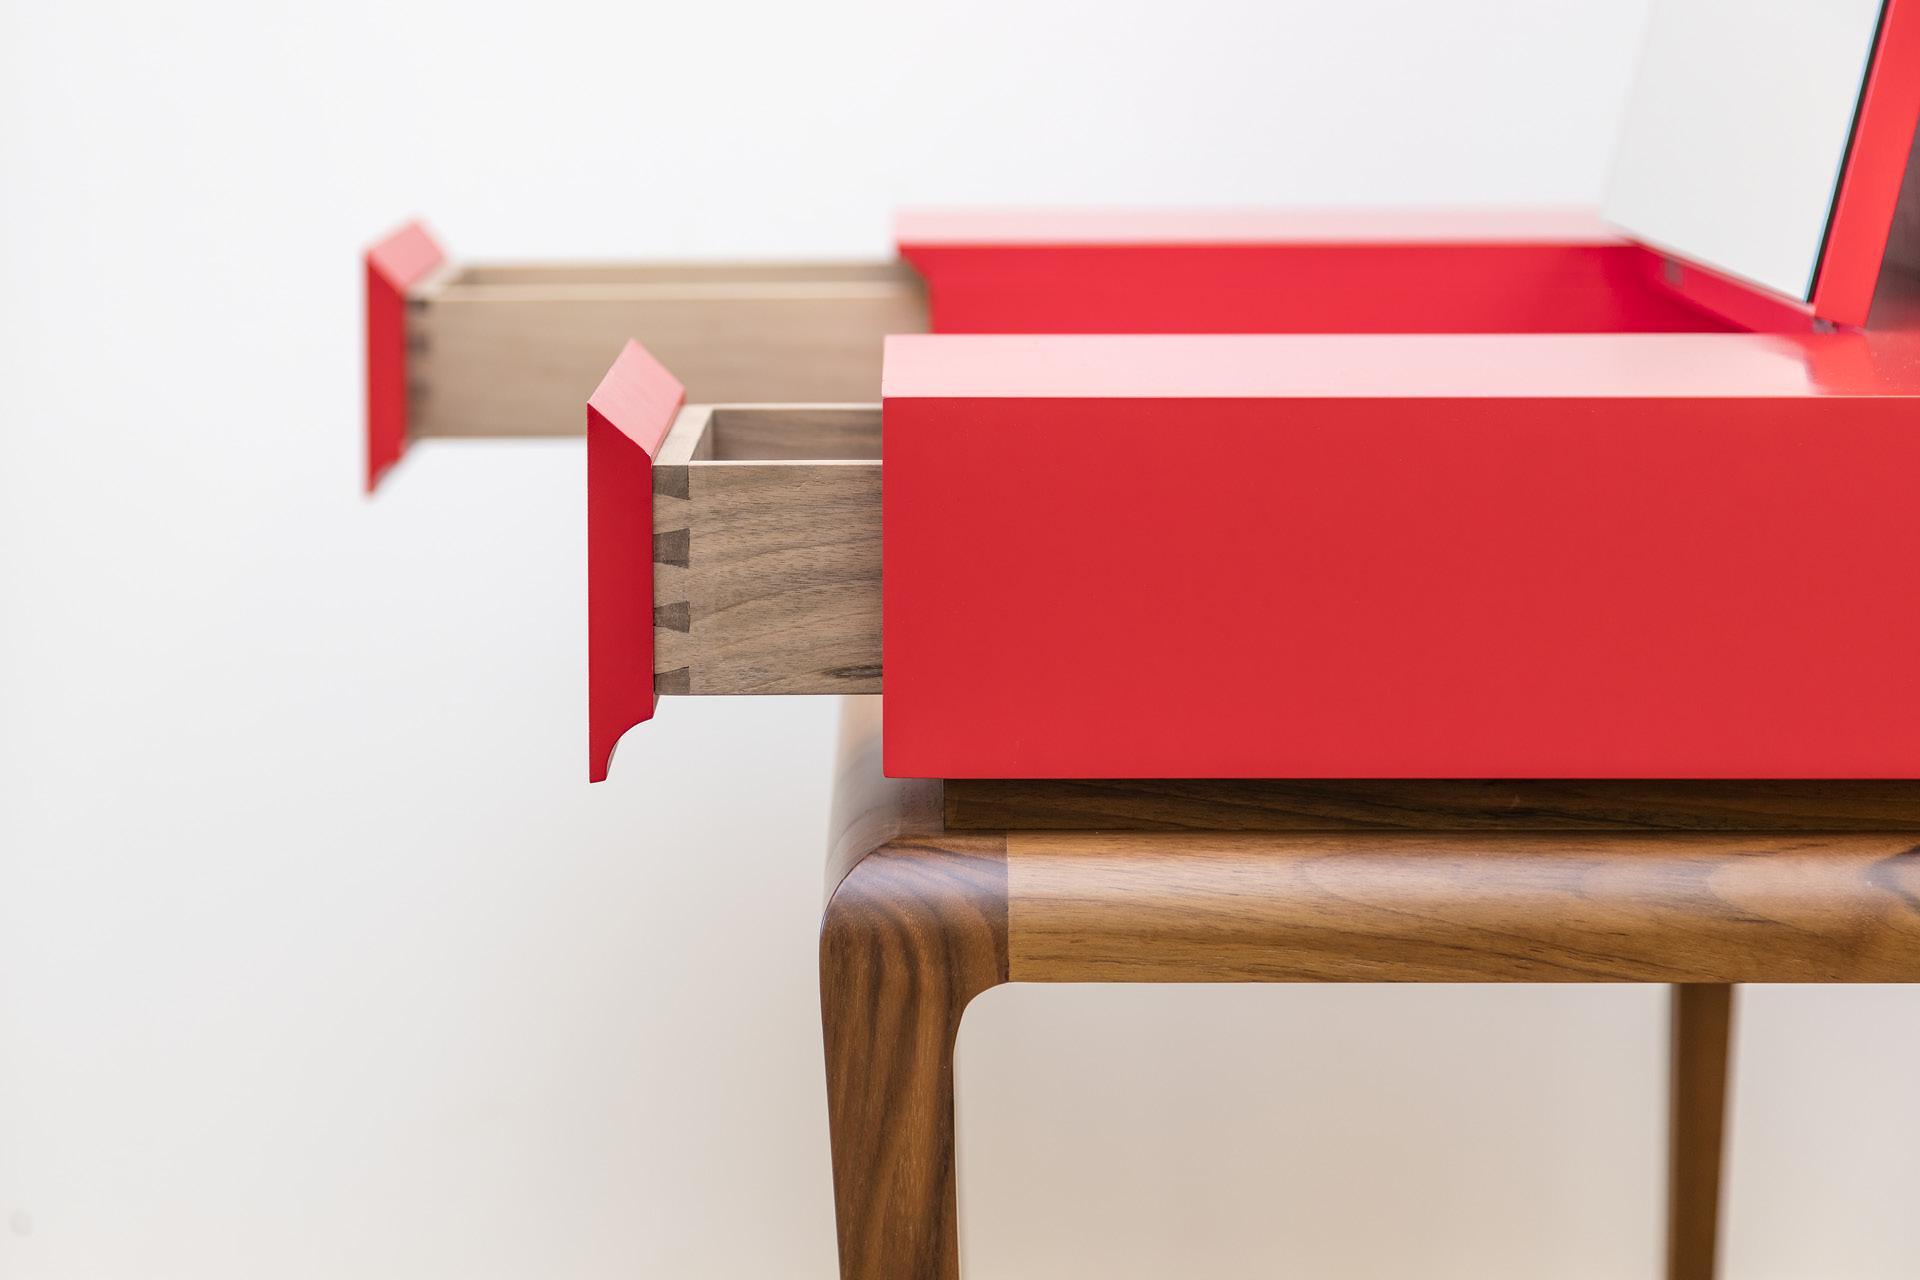 Tischlerei-Decker-Neuigkeiten-Auszeichnung-Gestaltung-und-Tischlerhandwerk2017-Art-Deco-Tisch-Schubladen